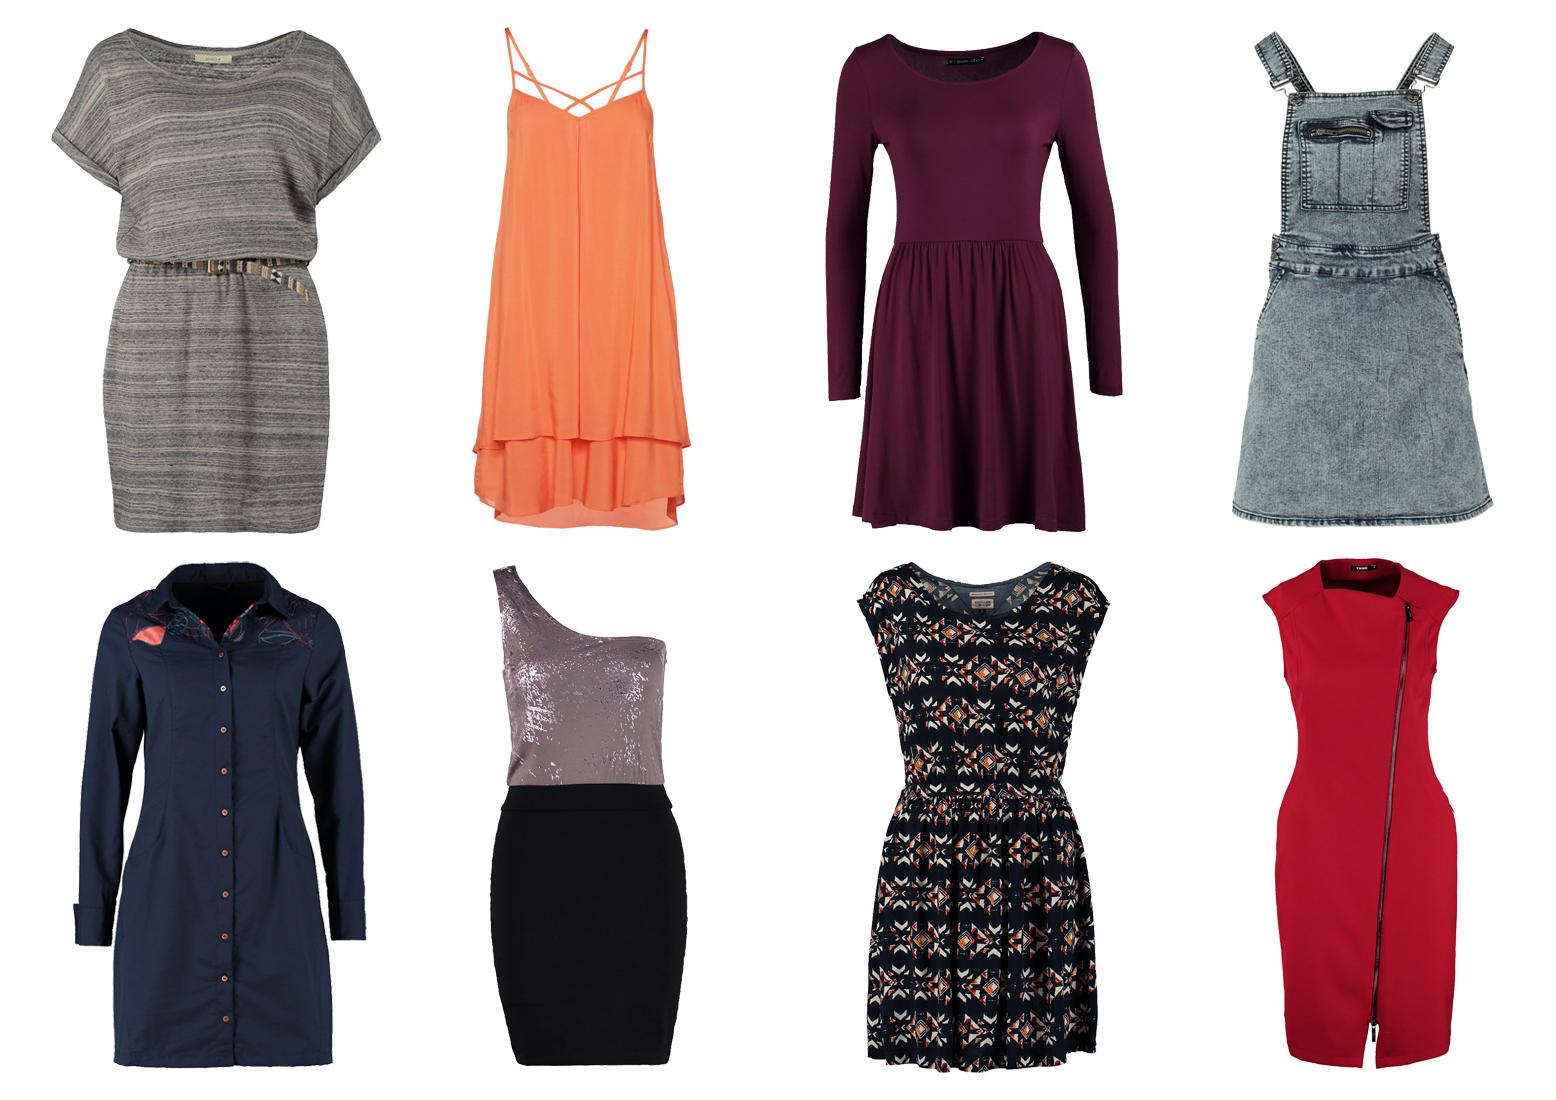 Sukienki - różne typy